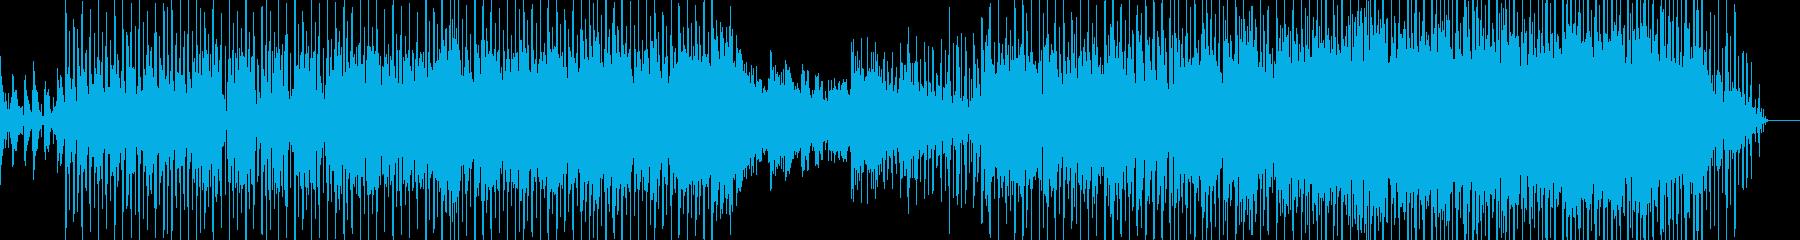 レトロダンス風なピアノインストの再生済みの波形